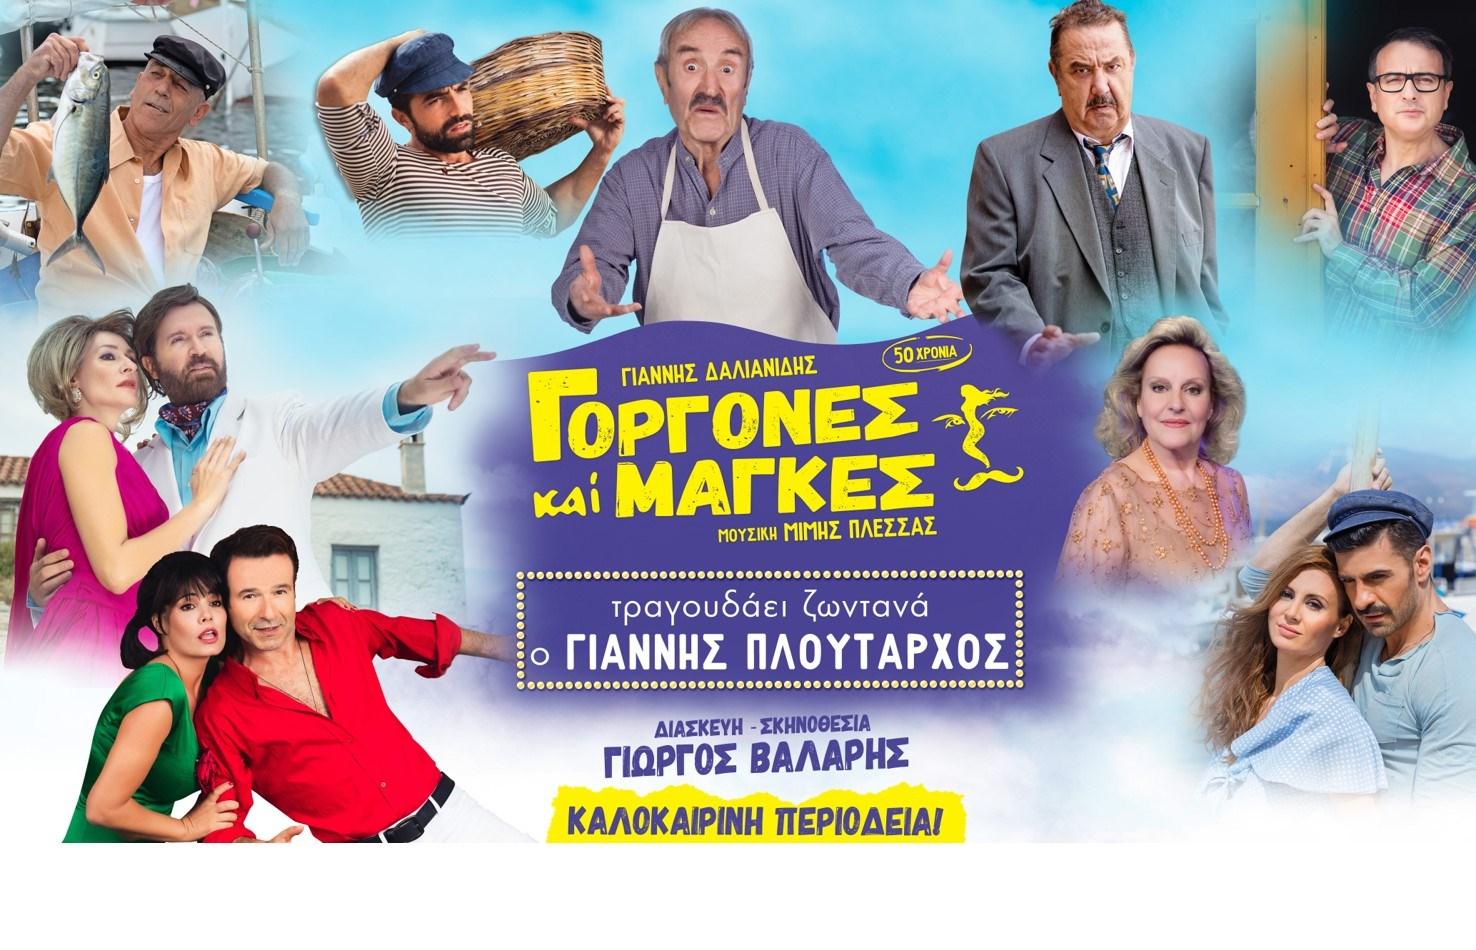 ΓΟΡΓΟΝΕΣ ΚΑΙ ΜΑΓΚΕΣ: 15€ από 23€ για είσοδο στη μεγαλύτερη θεατρική επιτυχία της χρονιάς, στα μεγαλύτερα θέατρα της Αττικής (Βεάκειο, Κατράκειο, Κηποθέατρο Παπάγου, Νταμάρι Βριλησσίων, Ευριπίδειο)! εικόνα